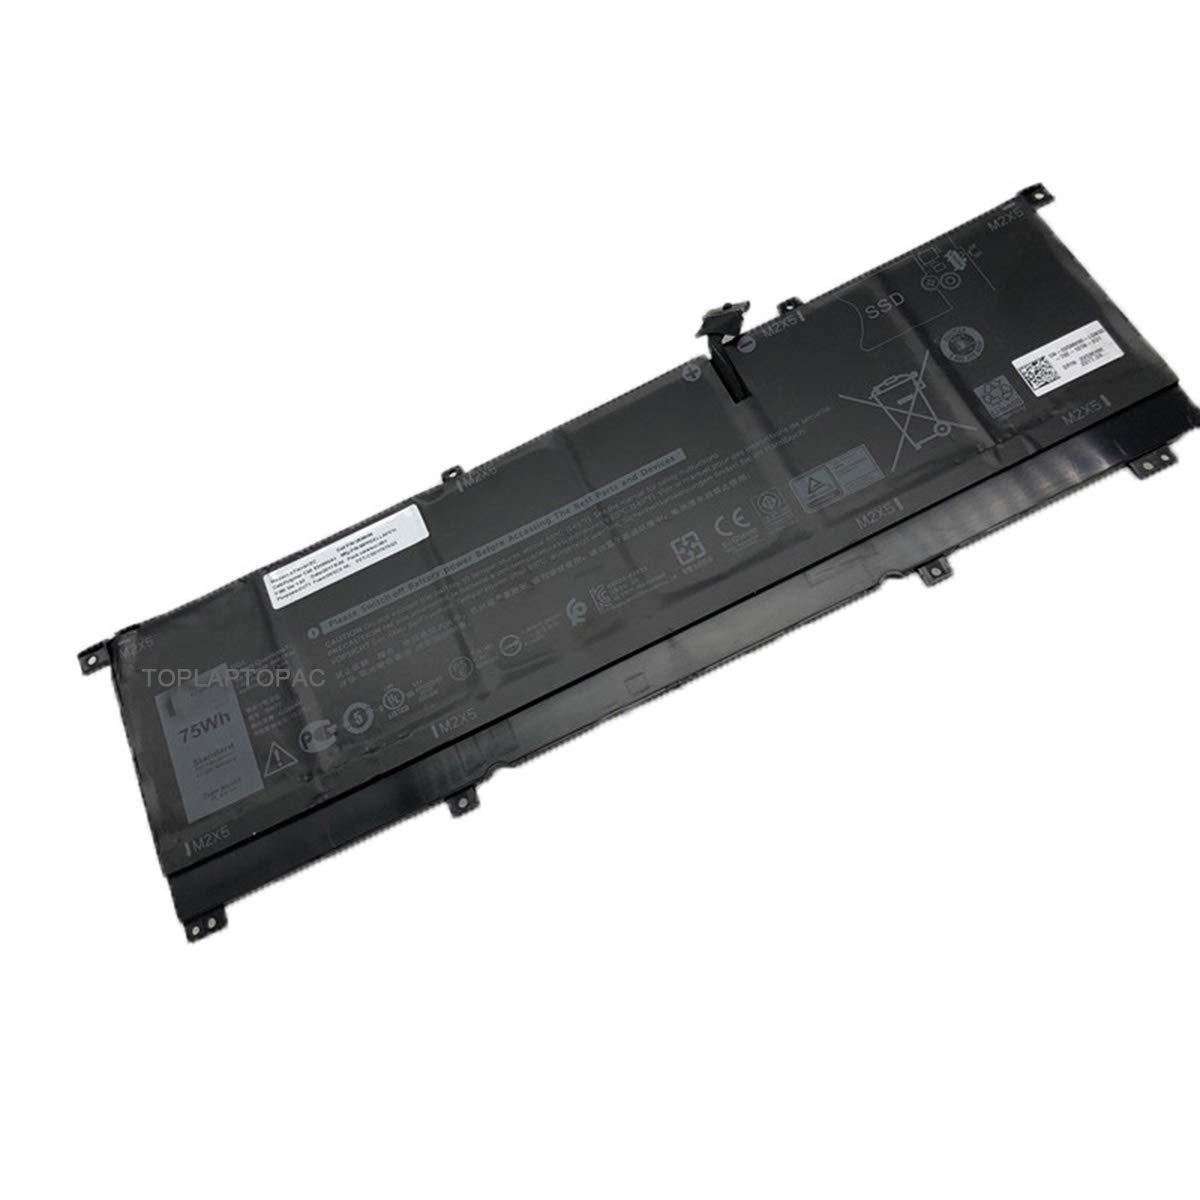 Bateria 8N0T7 TMFYT para Dell XPS 15 9575 Series 11.4V 75Wh